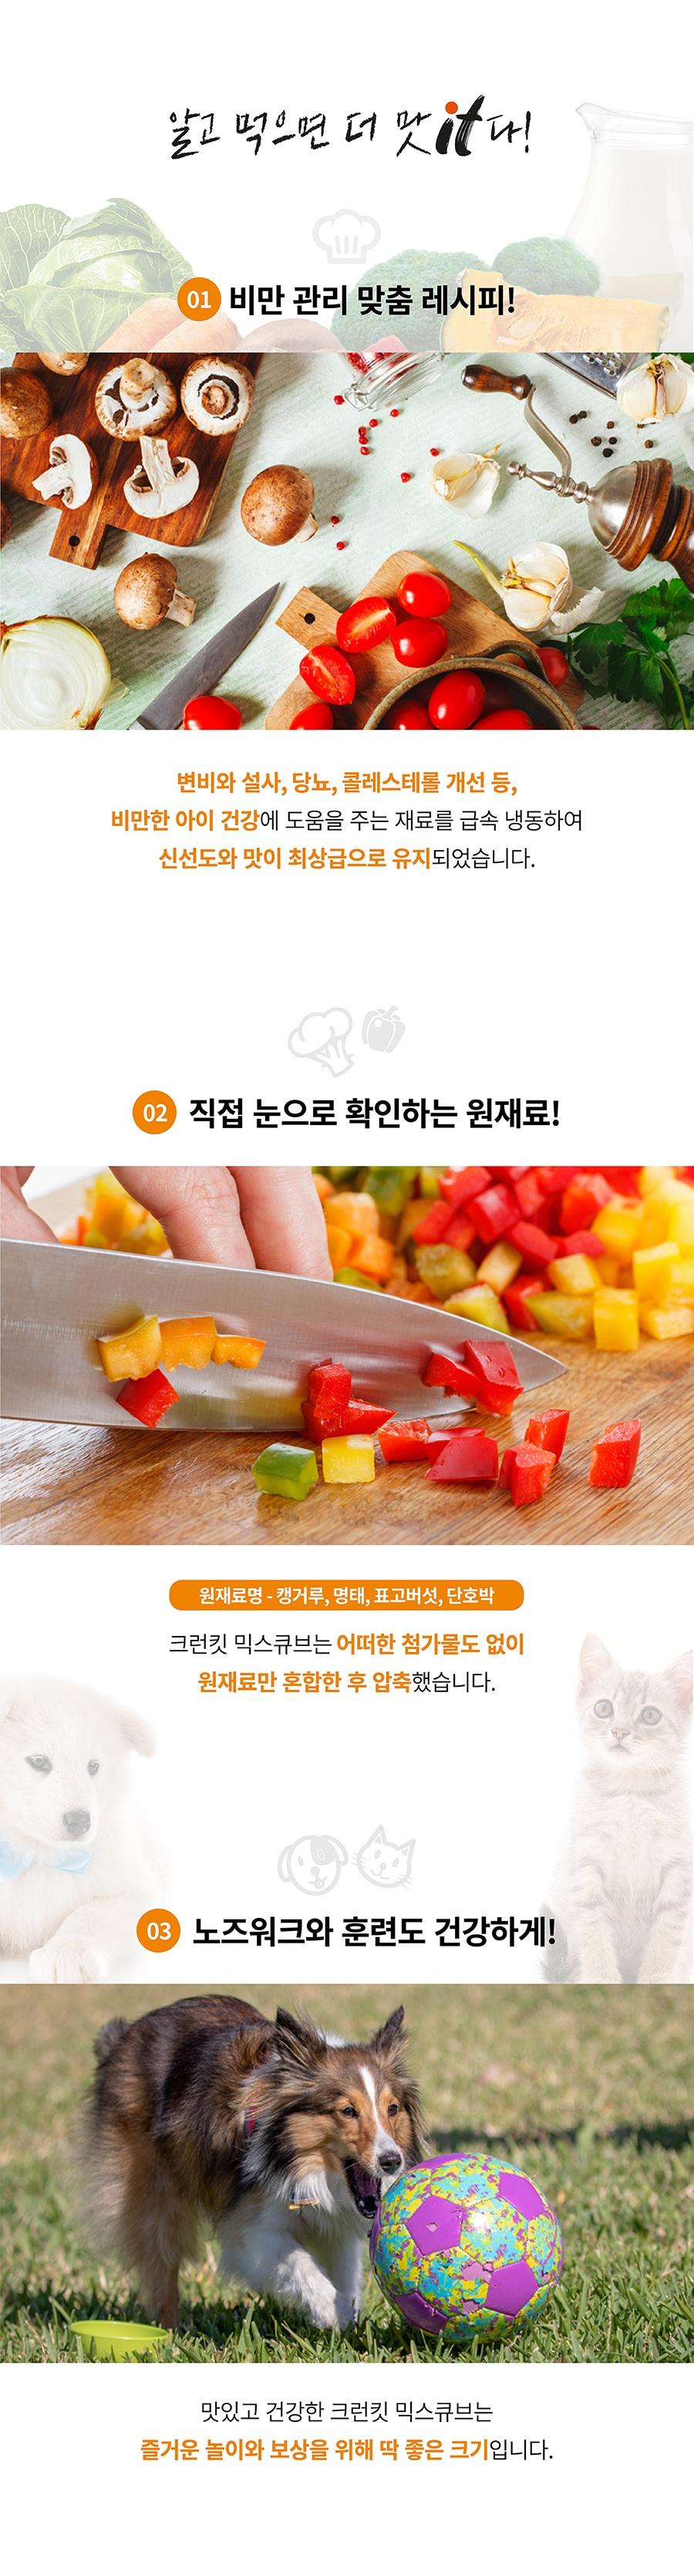 it 크런킷 믹스큐브 비만-상품이미지-5